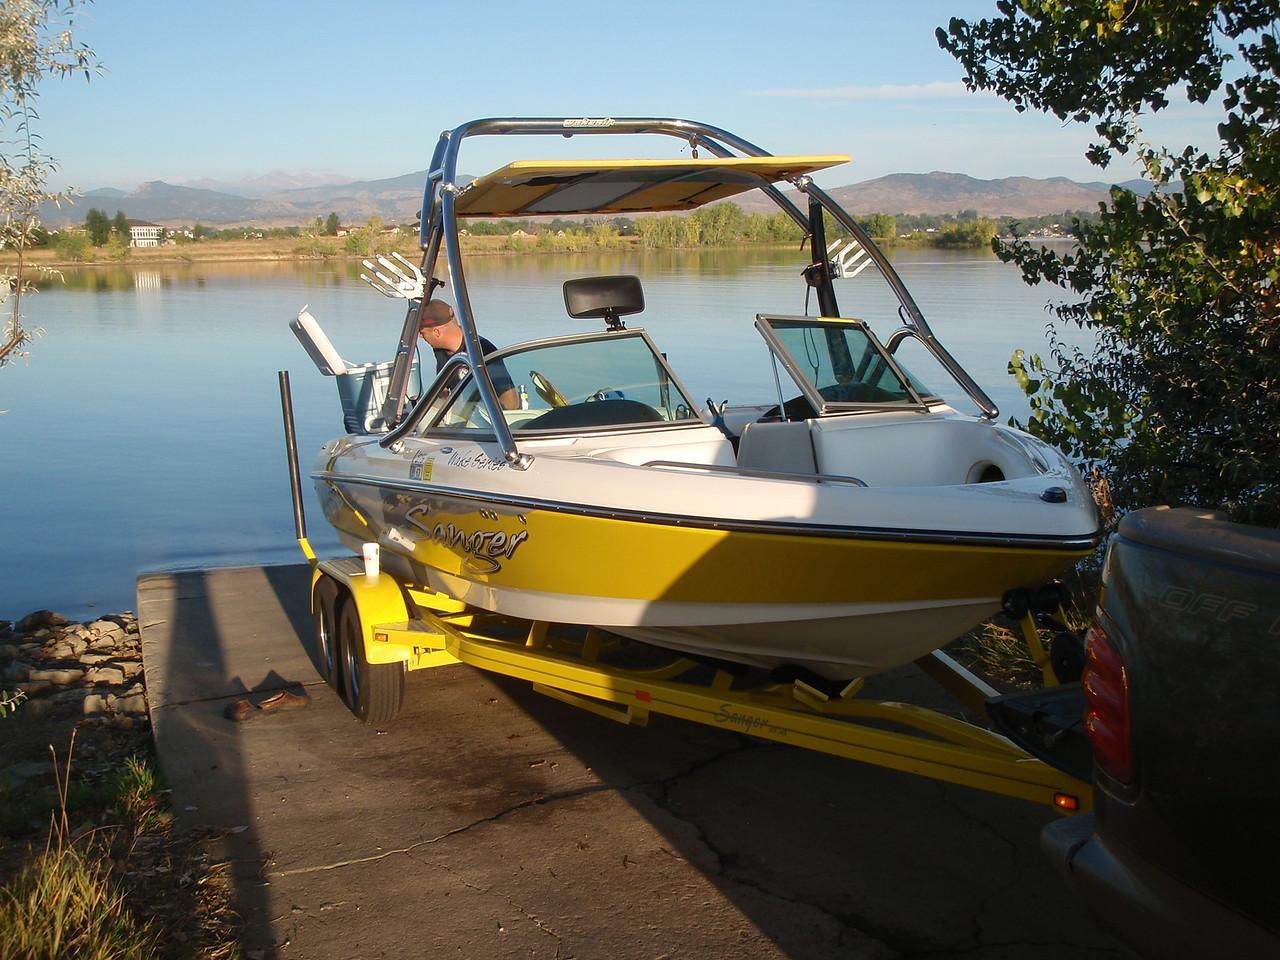 Matt's boat, pretty sweet!